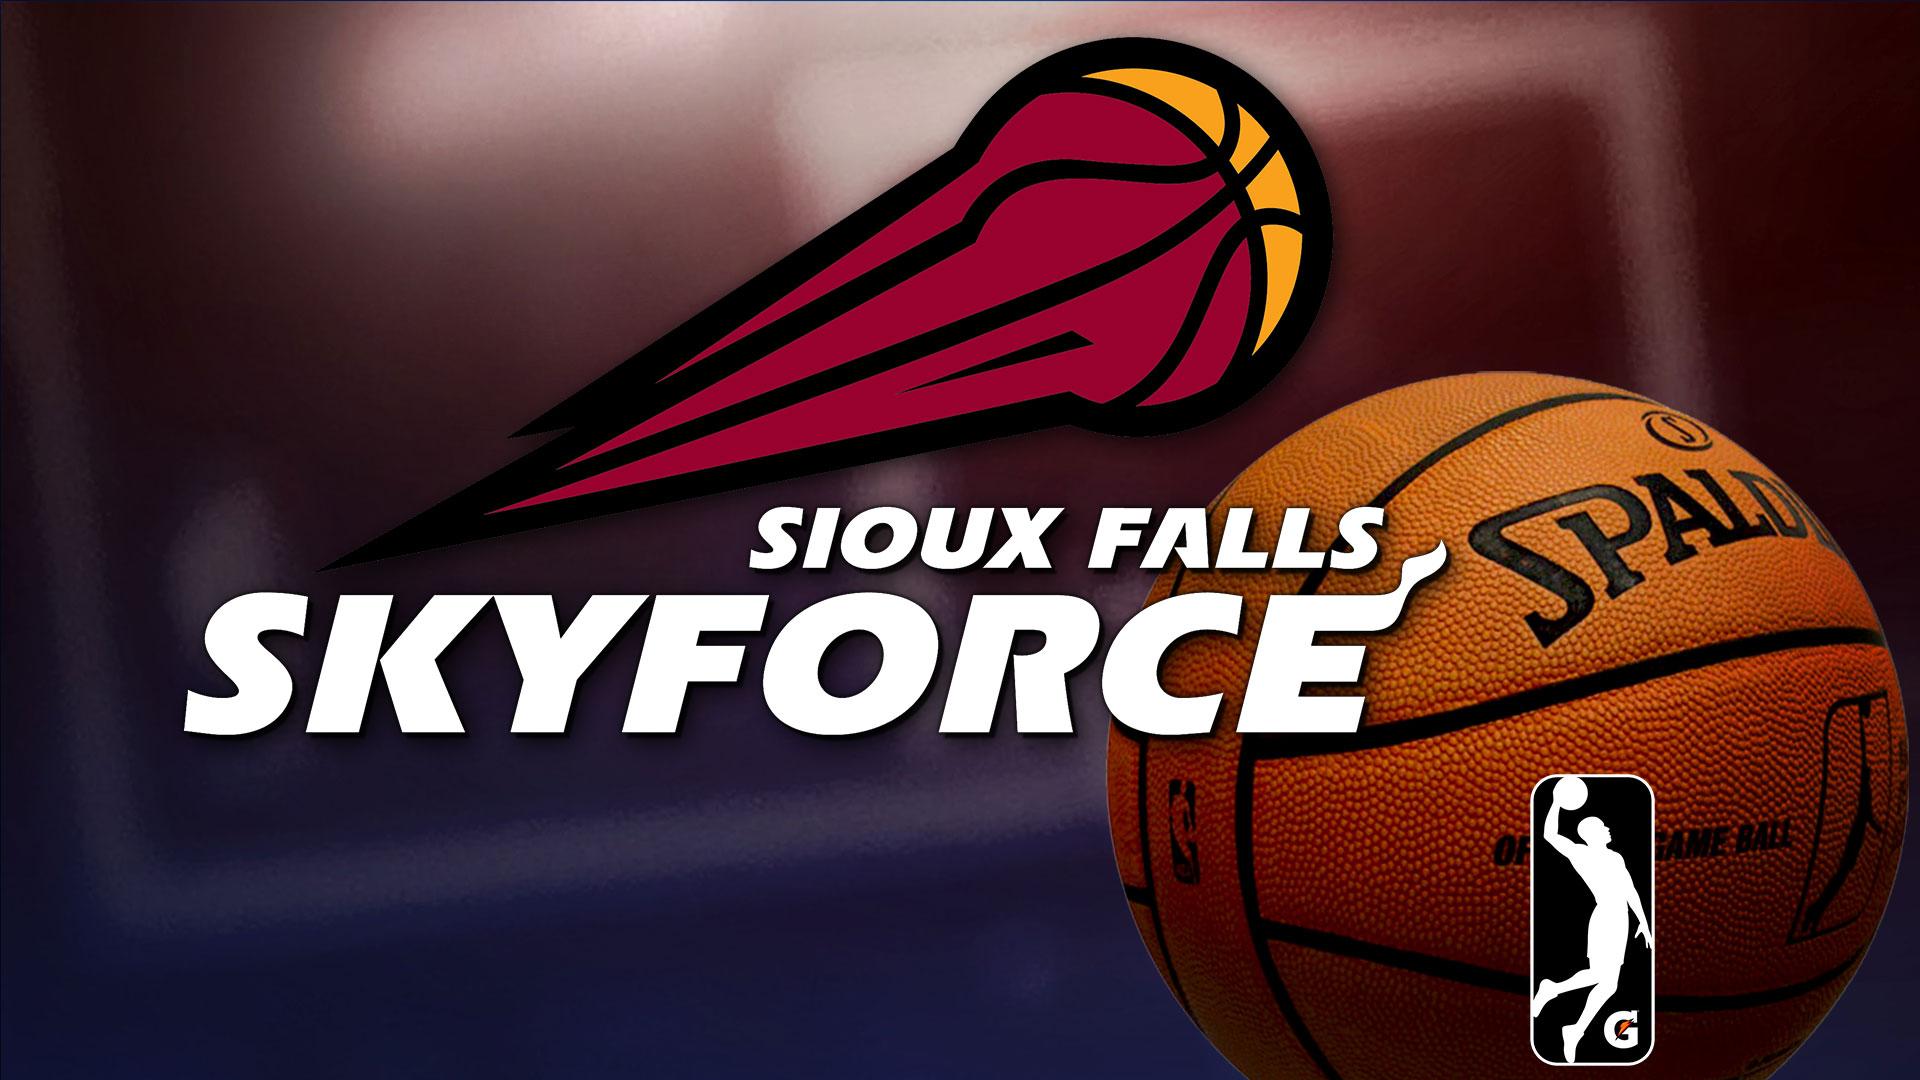 KELO-SiouxFalls-Skyforce-2_1529375951327.jpg